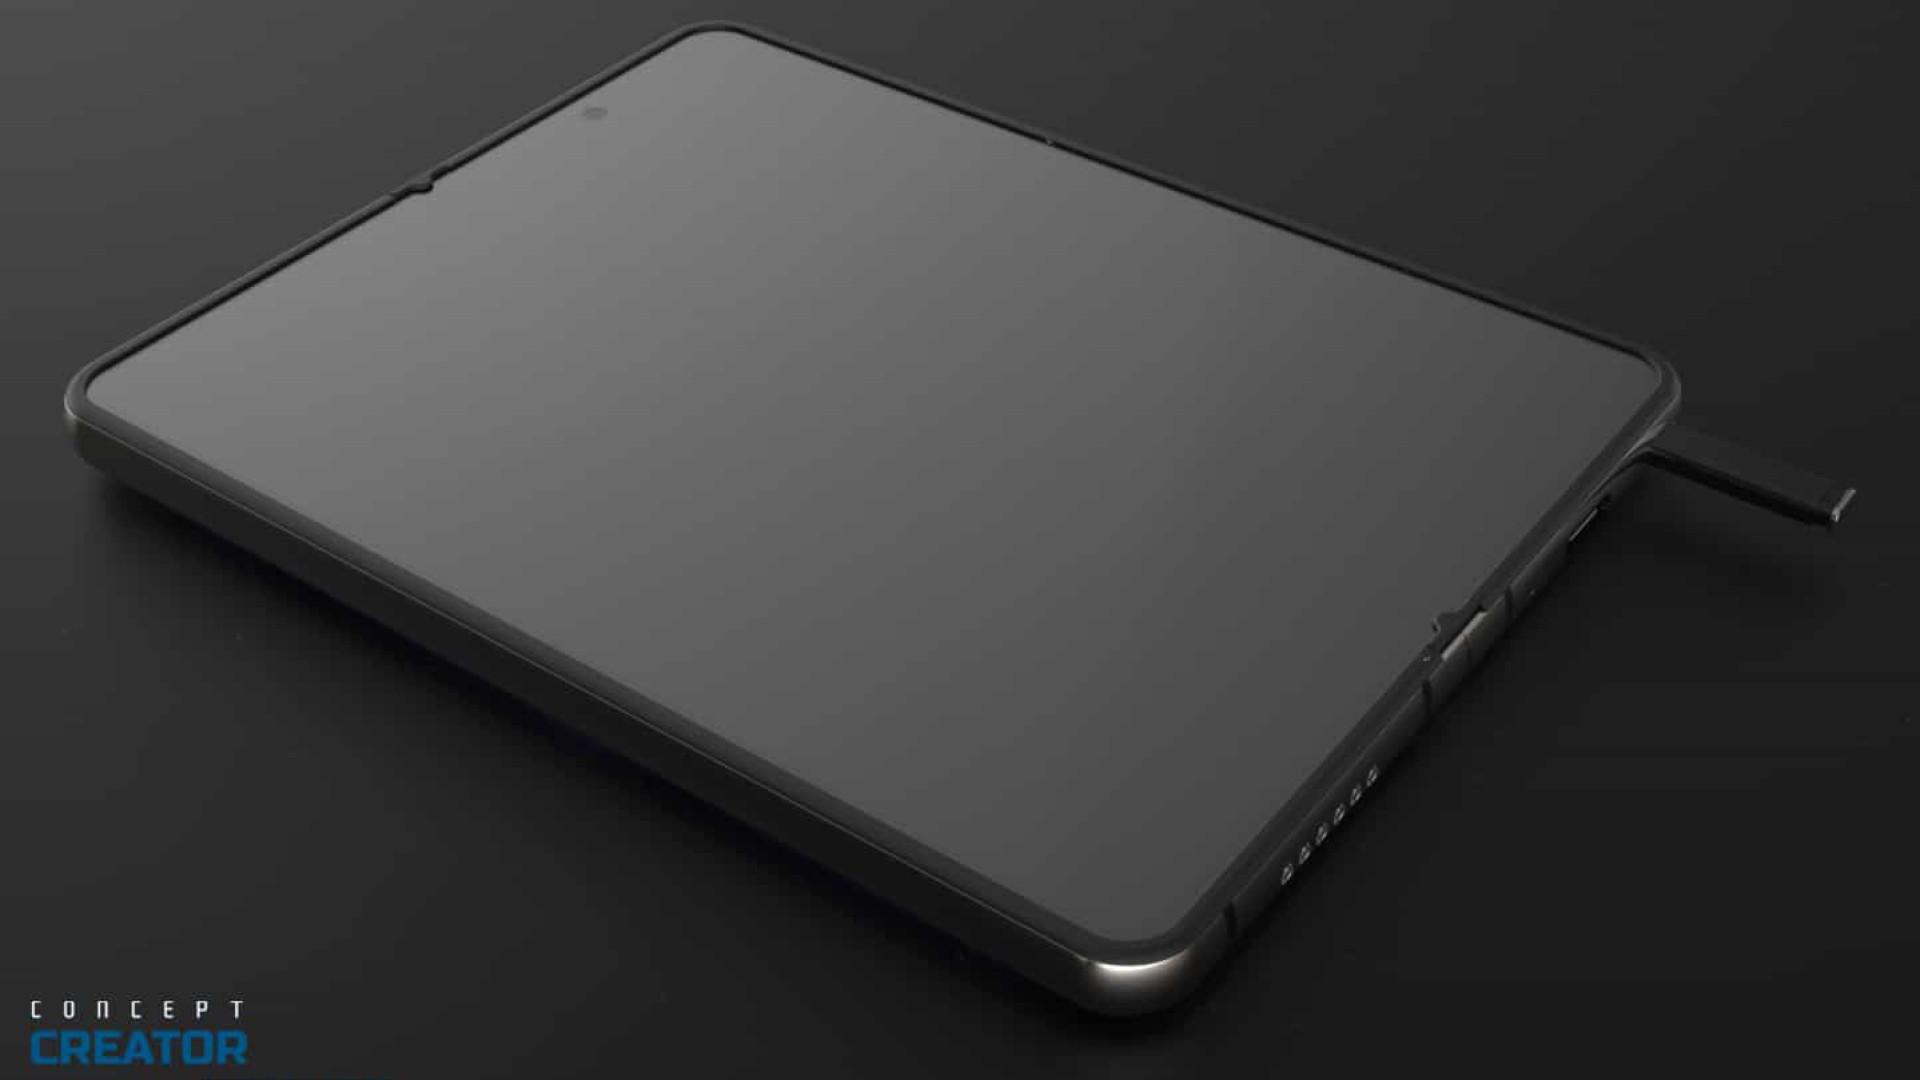 Próximo smartphone dobrável da Samsung pode incluir S Pen